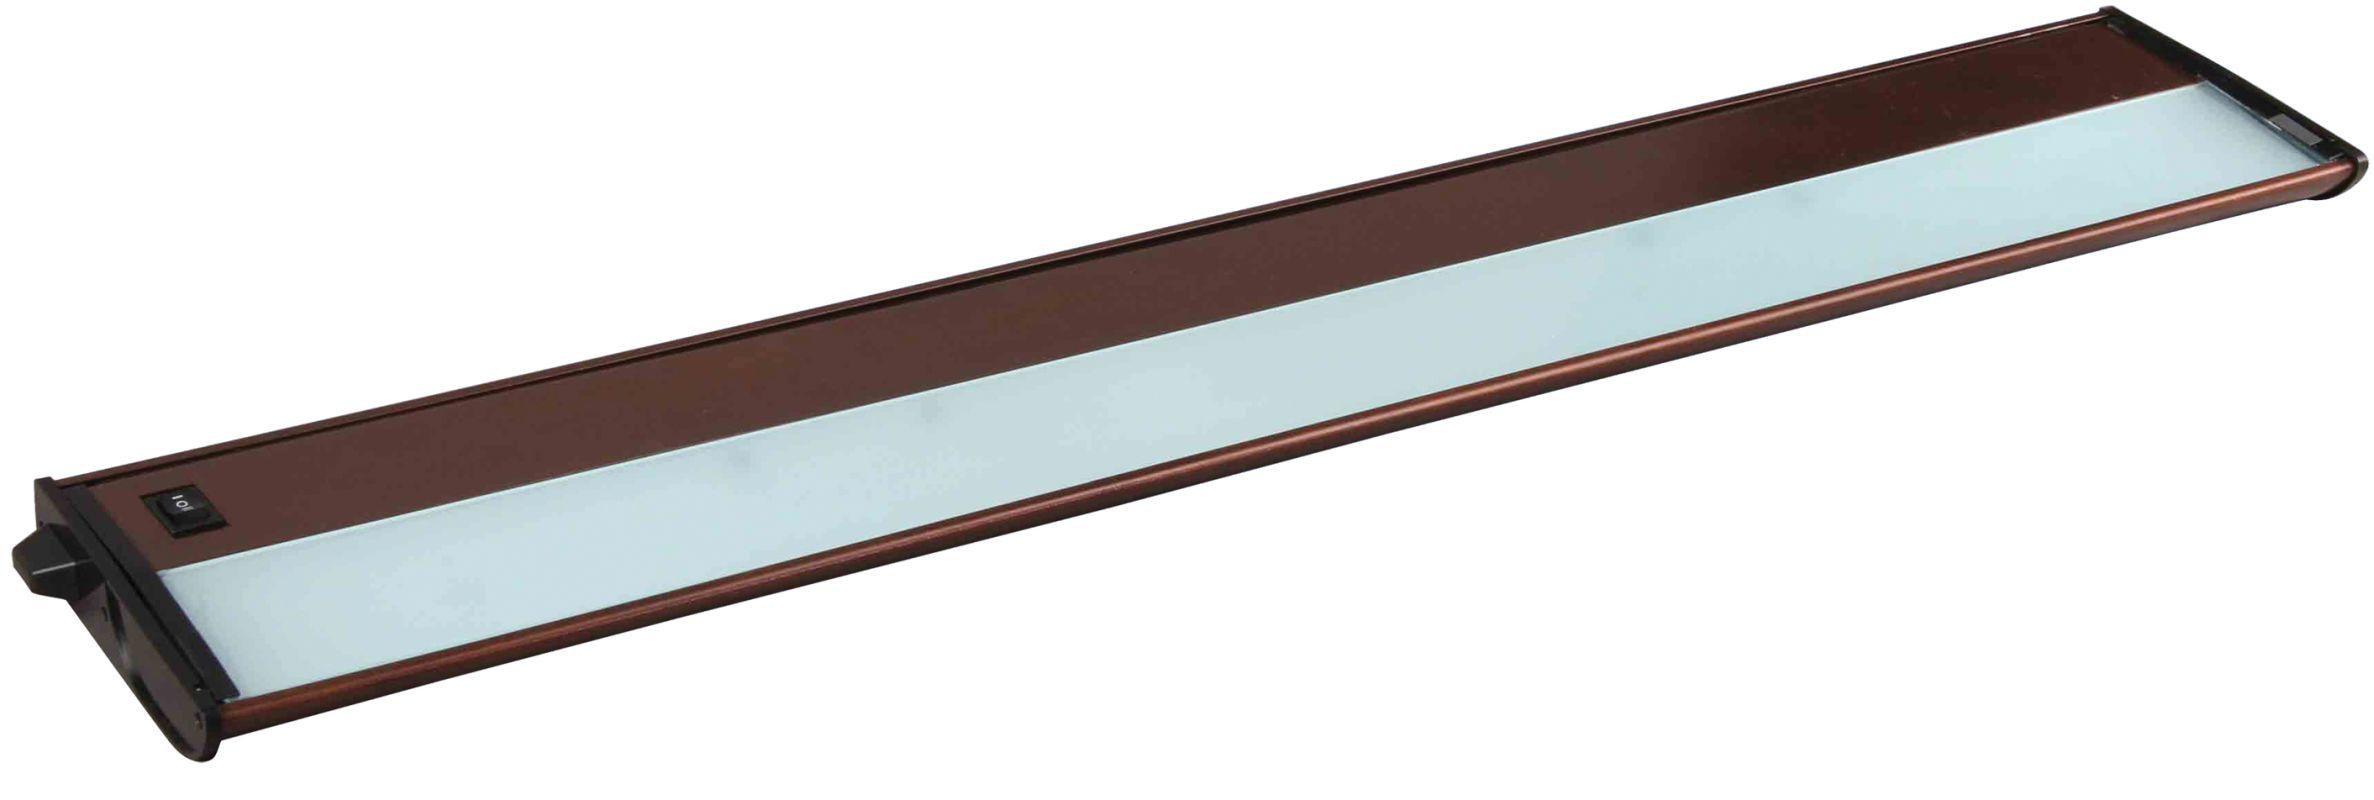 """Maxim 87853 30"""" 4 Light Xenon Starter Kit Under Cabinet Light from the"""